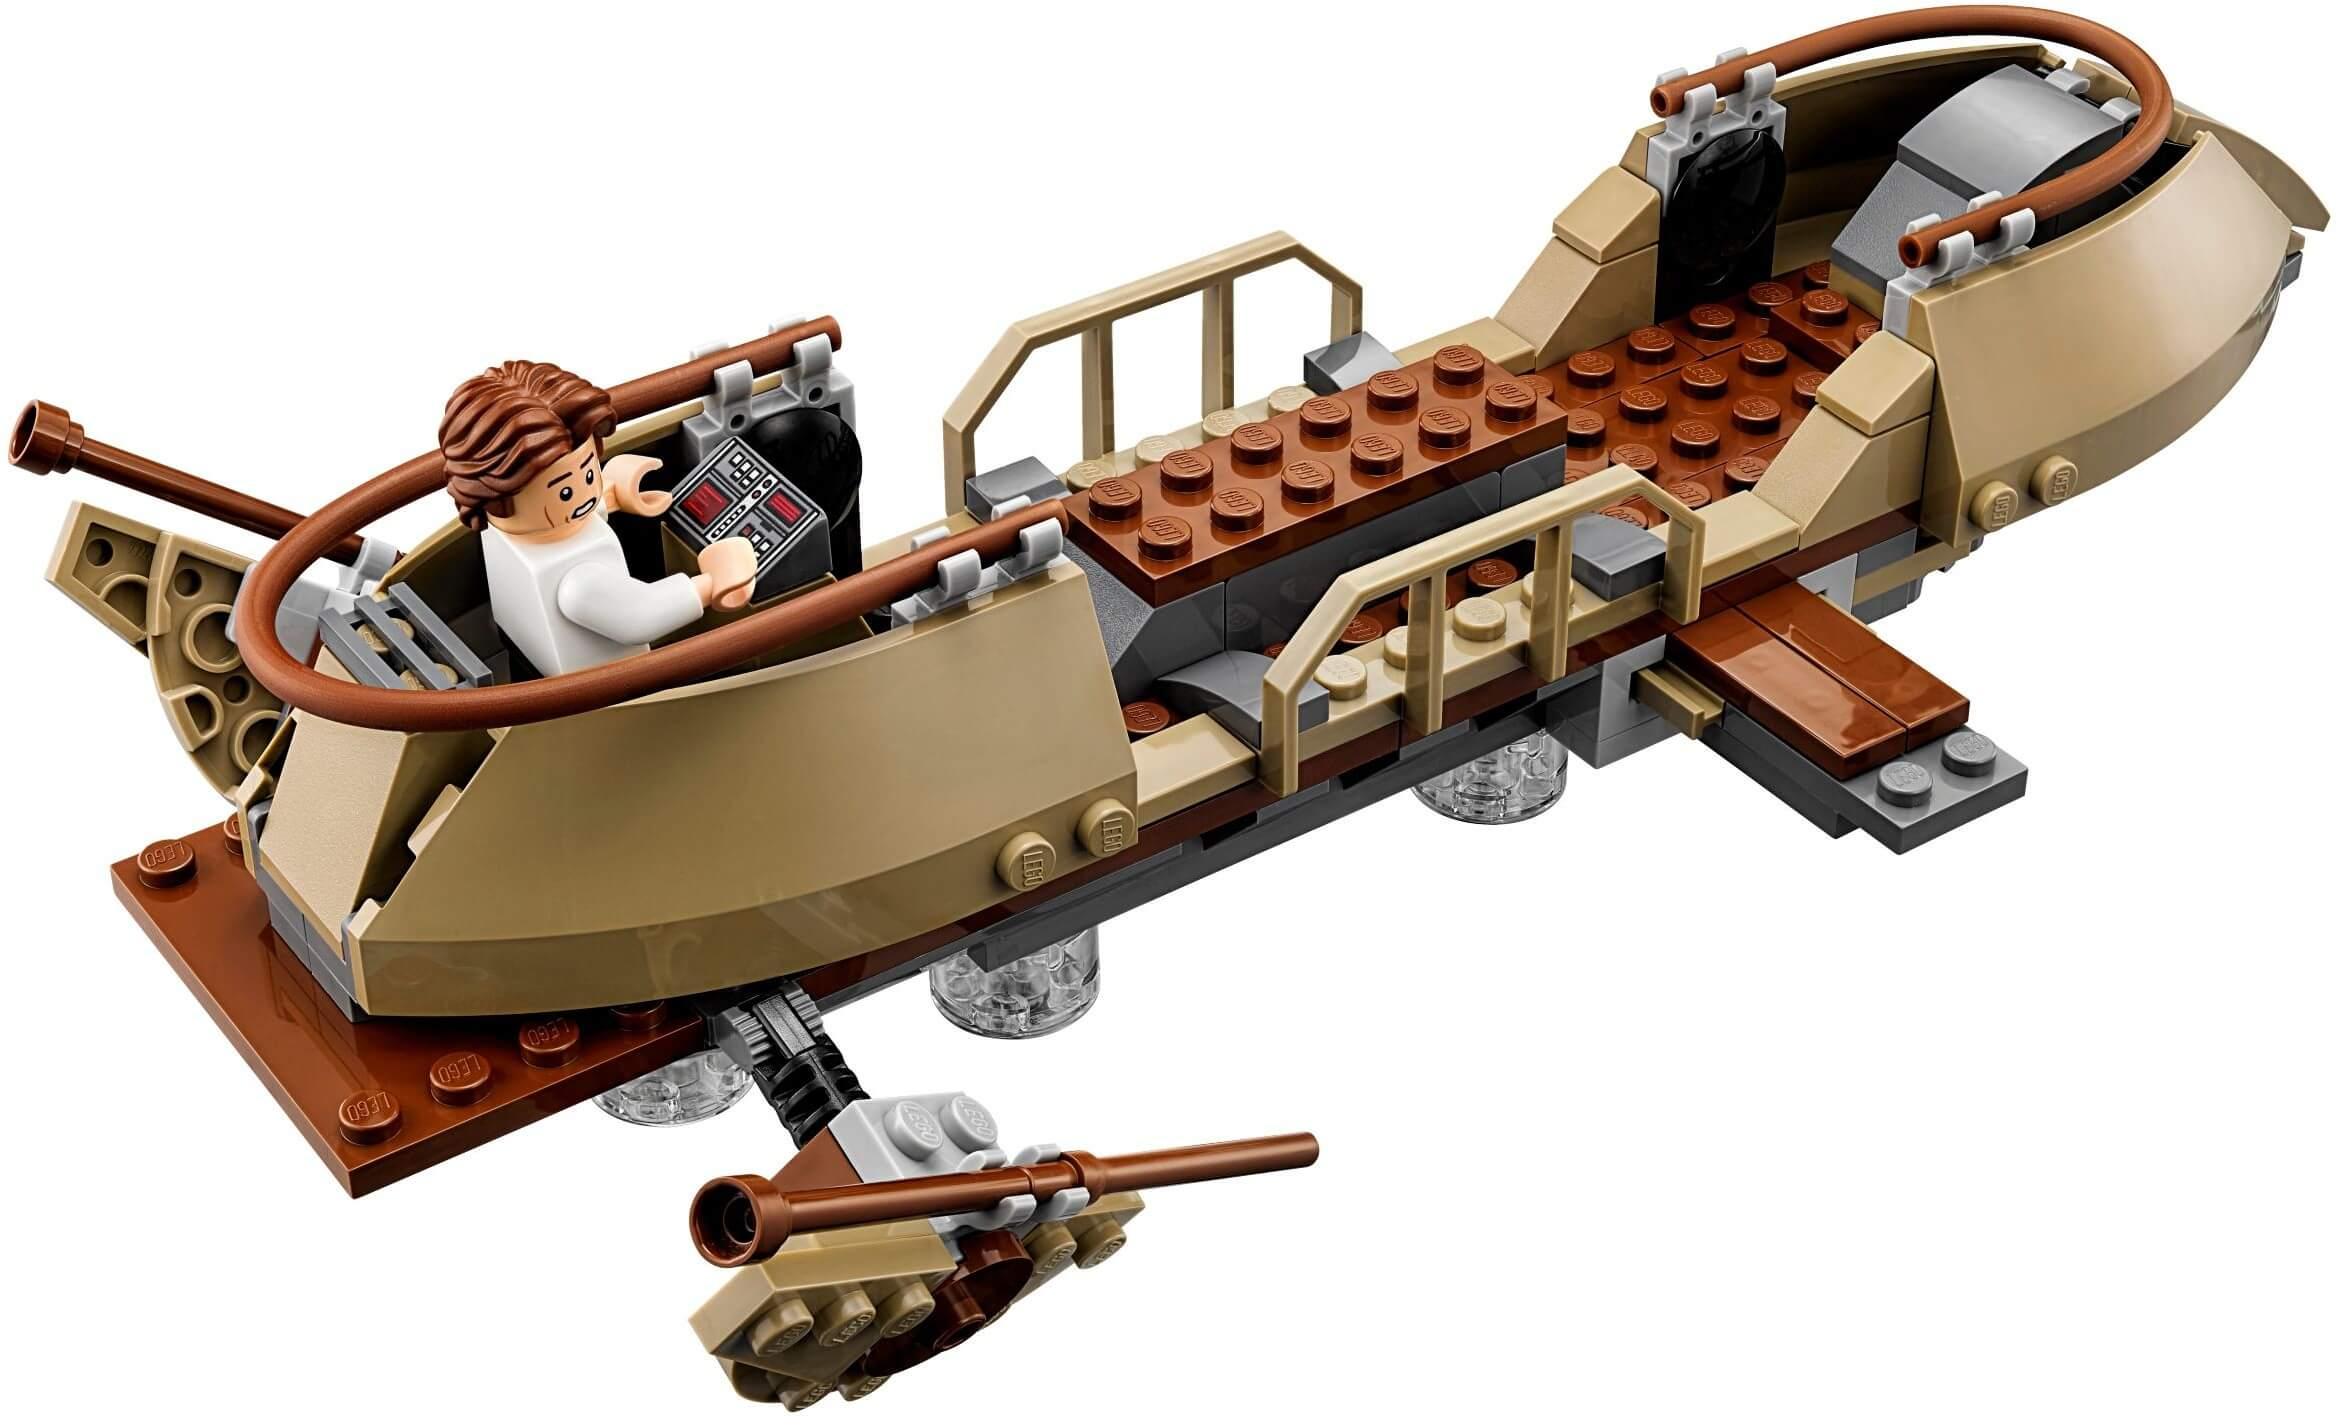 Mua đồ chơi LEGO 75174 - LEGO Star Wars 75174 - Cuộc Tẩu Thoát khỏi Tàu Skiff (LEGO 75174 Desert Skiff Escape)